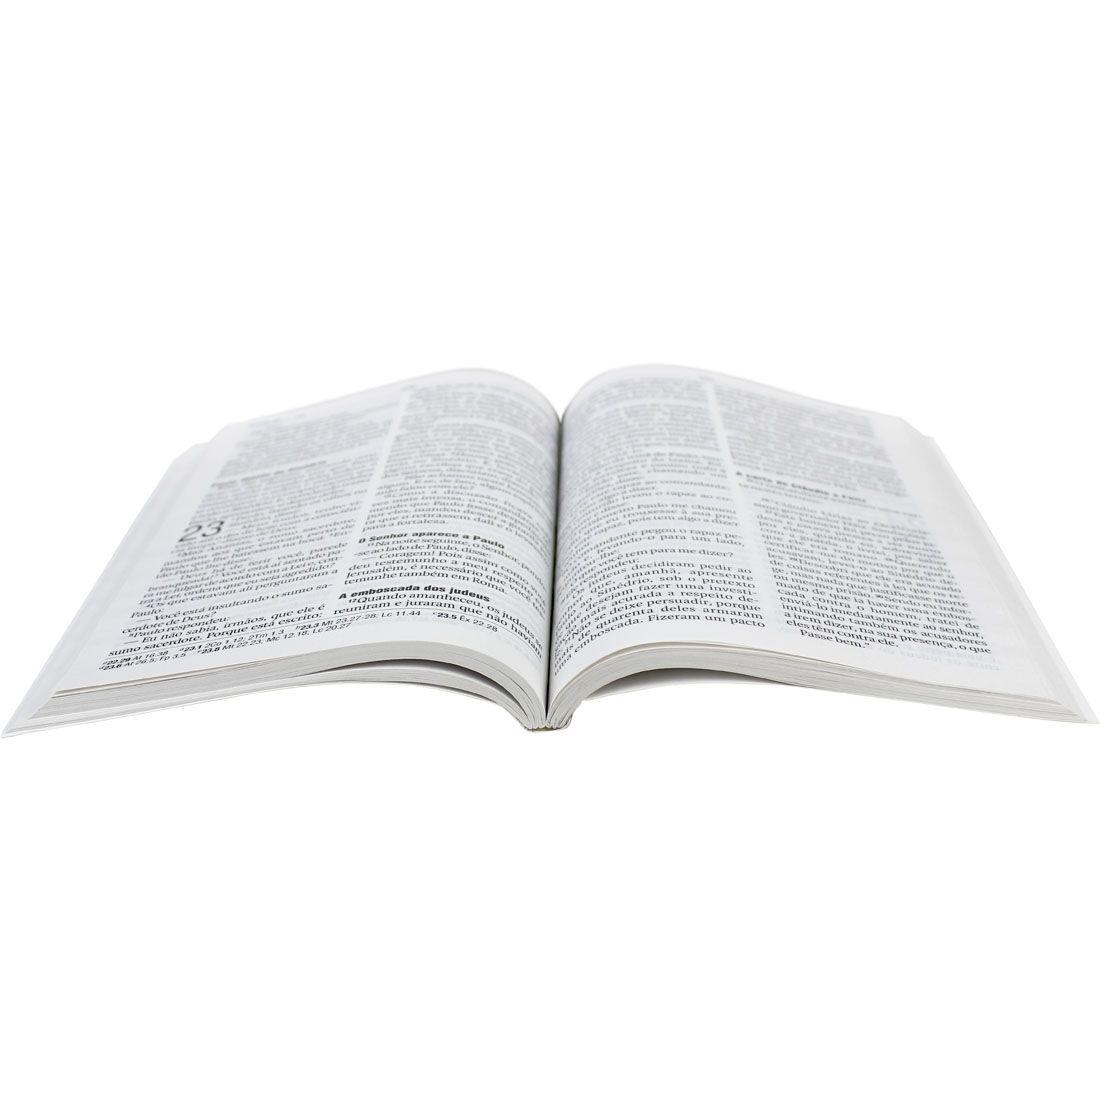 Novo Testamento NAA  - Universo Bíblico Rs